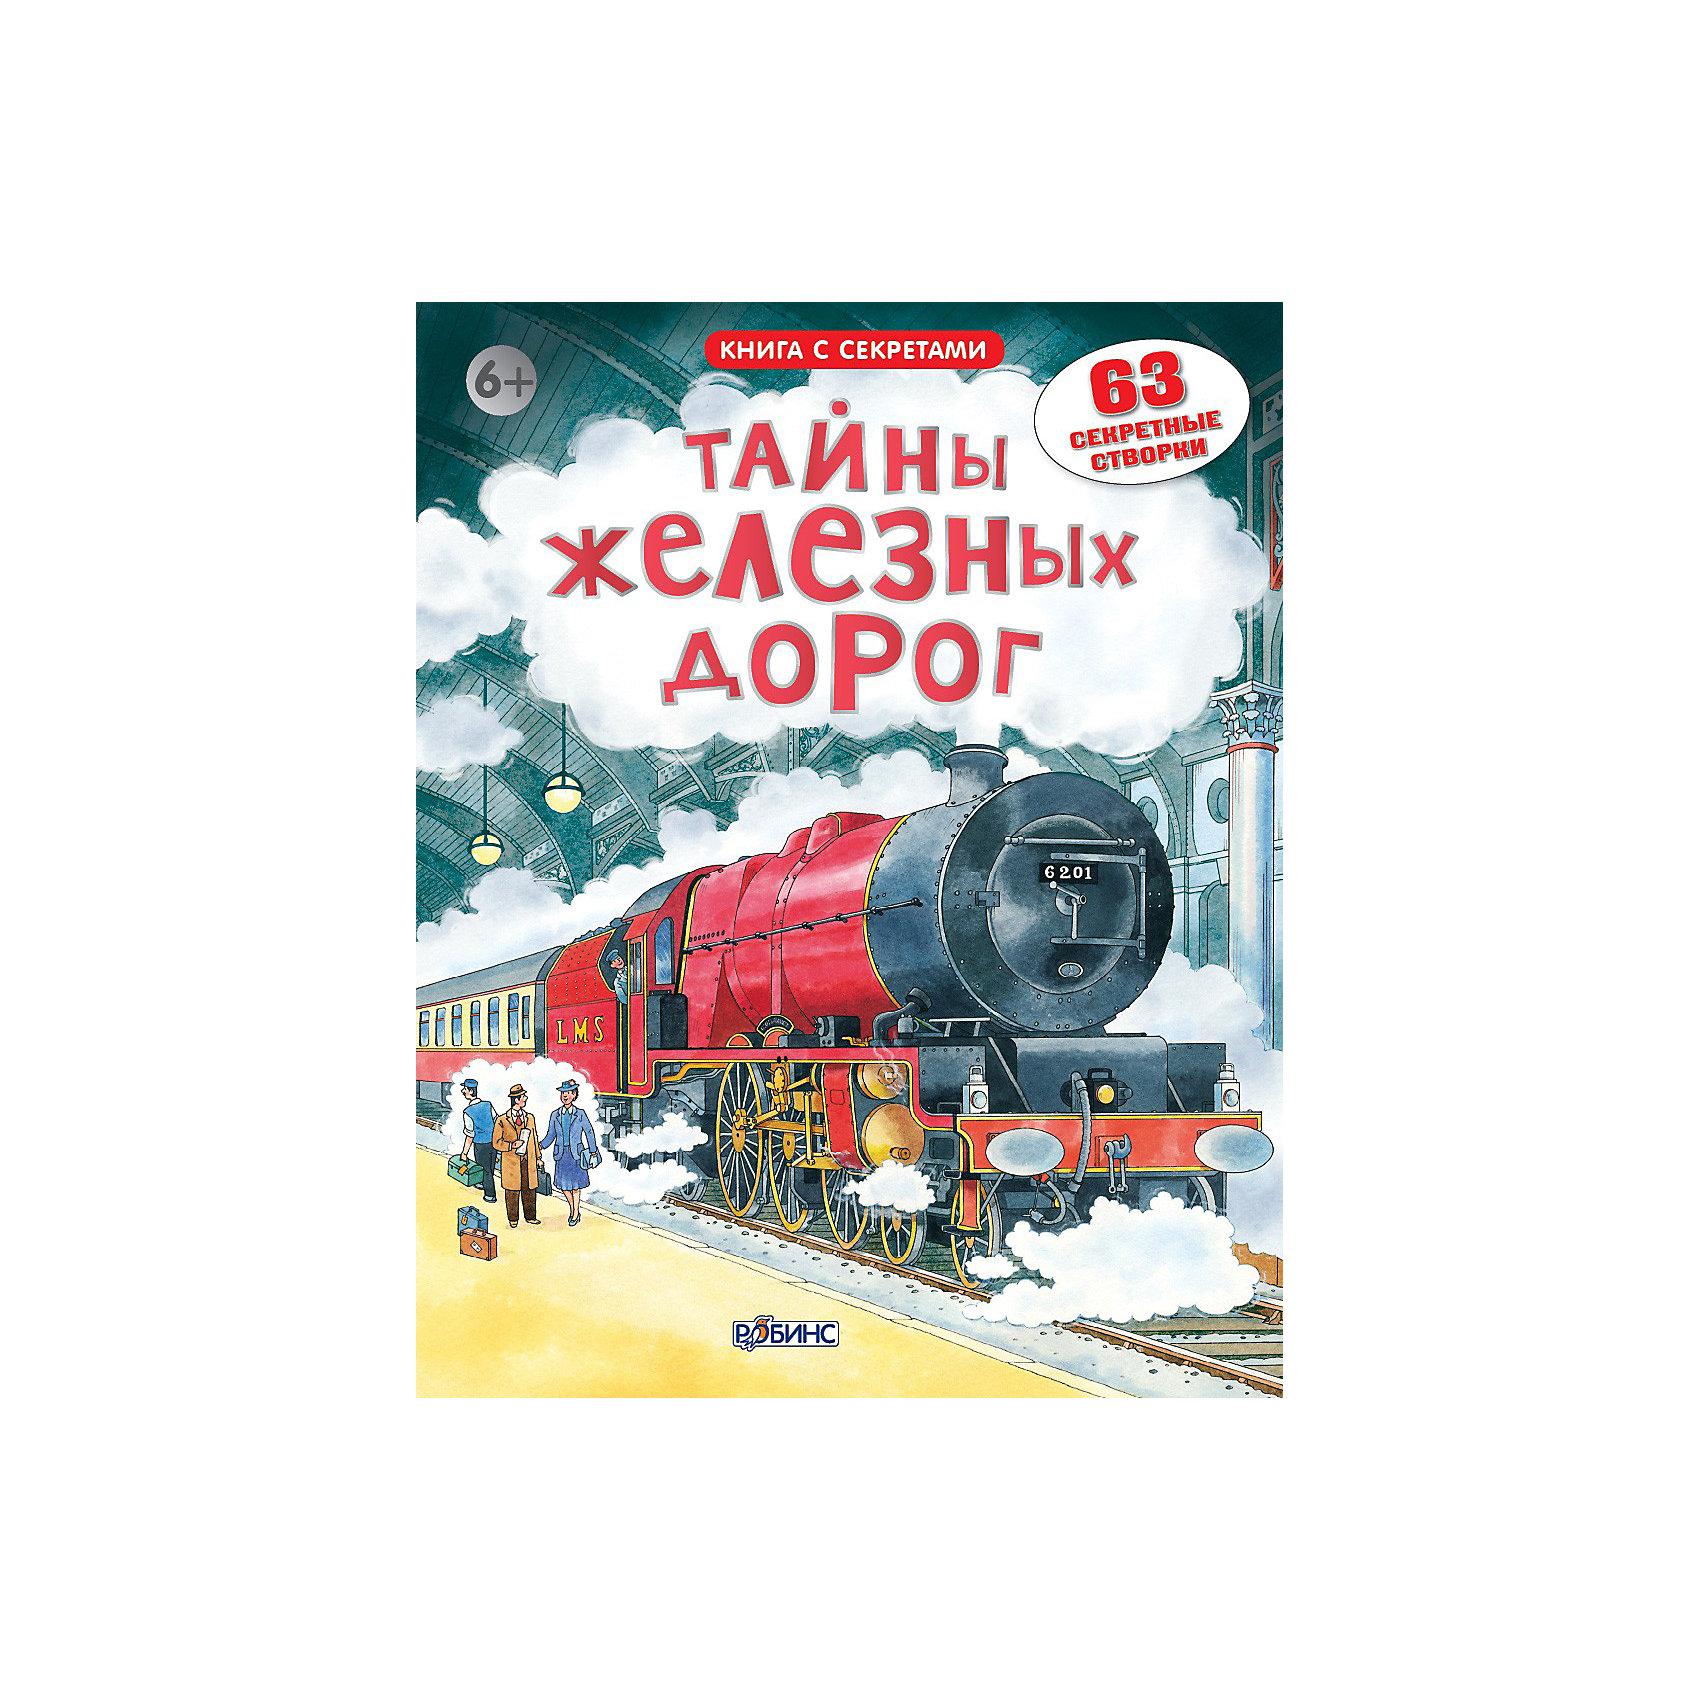 Открой тайны железных дорогКниги с окошками<br>Открой тайны железных дорог, Робинс – это занимательная, красочно иллюстрированная книга прекрасный подарок для Вашего ребенка.<br>Открой секретные створки, чтобы раскрыть все тайны железных дорог и поездов! Ты узнаешь, когда появились первые поезда и как они устроены, в каких поездах путешествует сама королева, почему некоторые составы называют сверхскоростными, и многие другие интересные факты. В книге 63 секретных створки, множество подвижных элементов и достоверных иллюстраций.<br><br>Дополнительная информация:<br><br>- Твердый переплет<br>- Формат: 22 X 29 см<br>- Количество страниц: 16<br><br>Книгу Открой тайны железных дорог, Робинс можно купить в нашем интернет-магазине.<br><br>Ширина мм: 280<br>Глубина мм: 220<br>Высота мм: 16<br>Вес г: 709<br>Возраст от месяцев: 60<br>Возраст до месяцев: 120<br>Пол: Унисекс<br>Возраст: Детский<br>SKU: 3522817